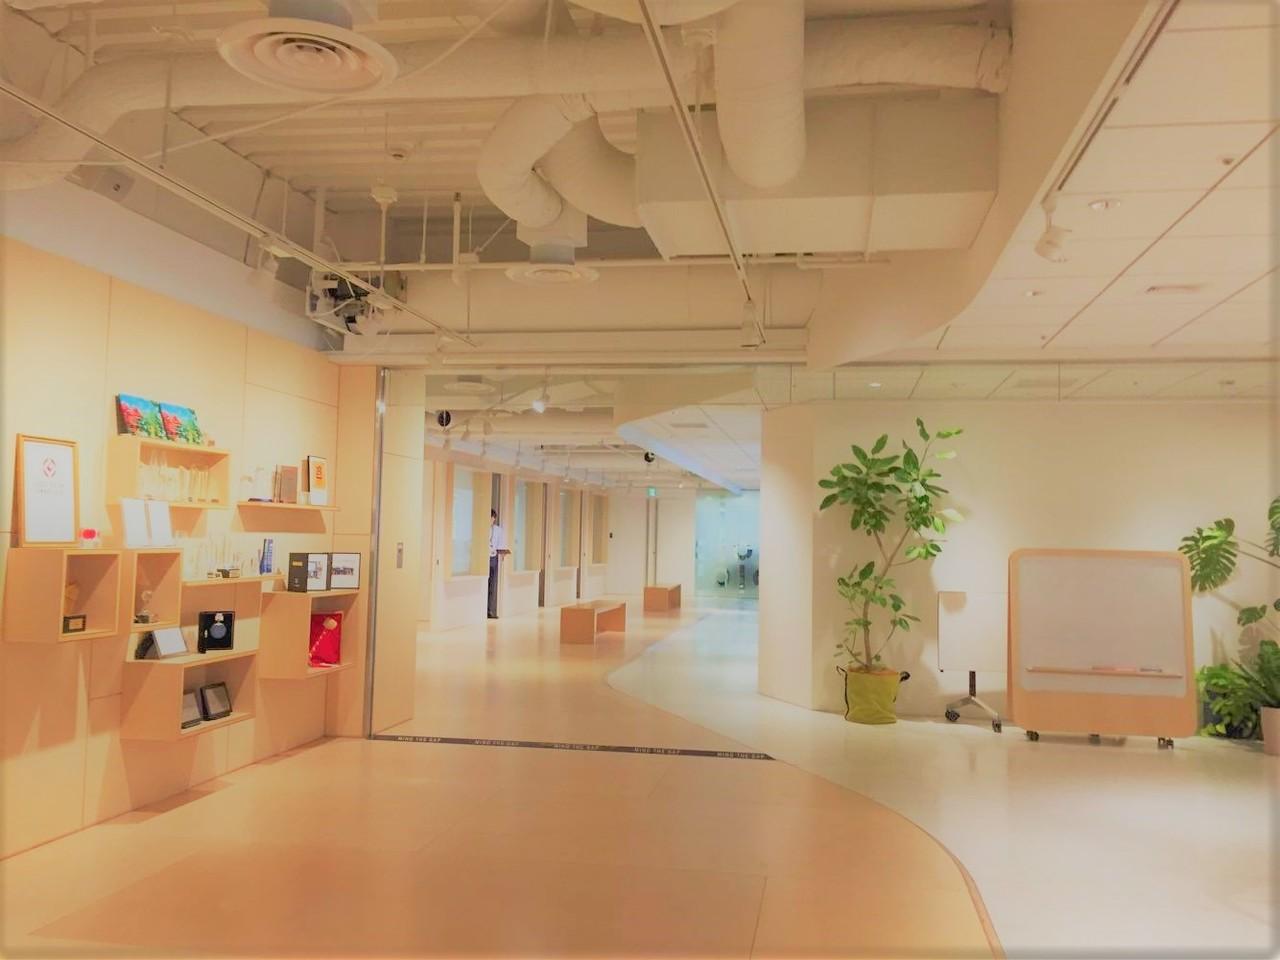 株式会社アイスタイルキャリア 東京オフィス営業・スーパーバイザー(ジョブコーディネーター・カウンセラー)正社員/契約社員の求人の写真